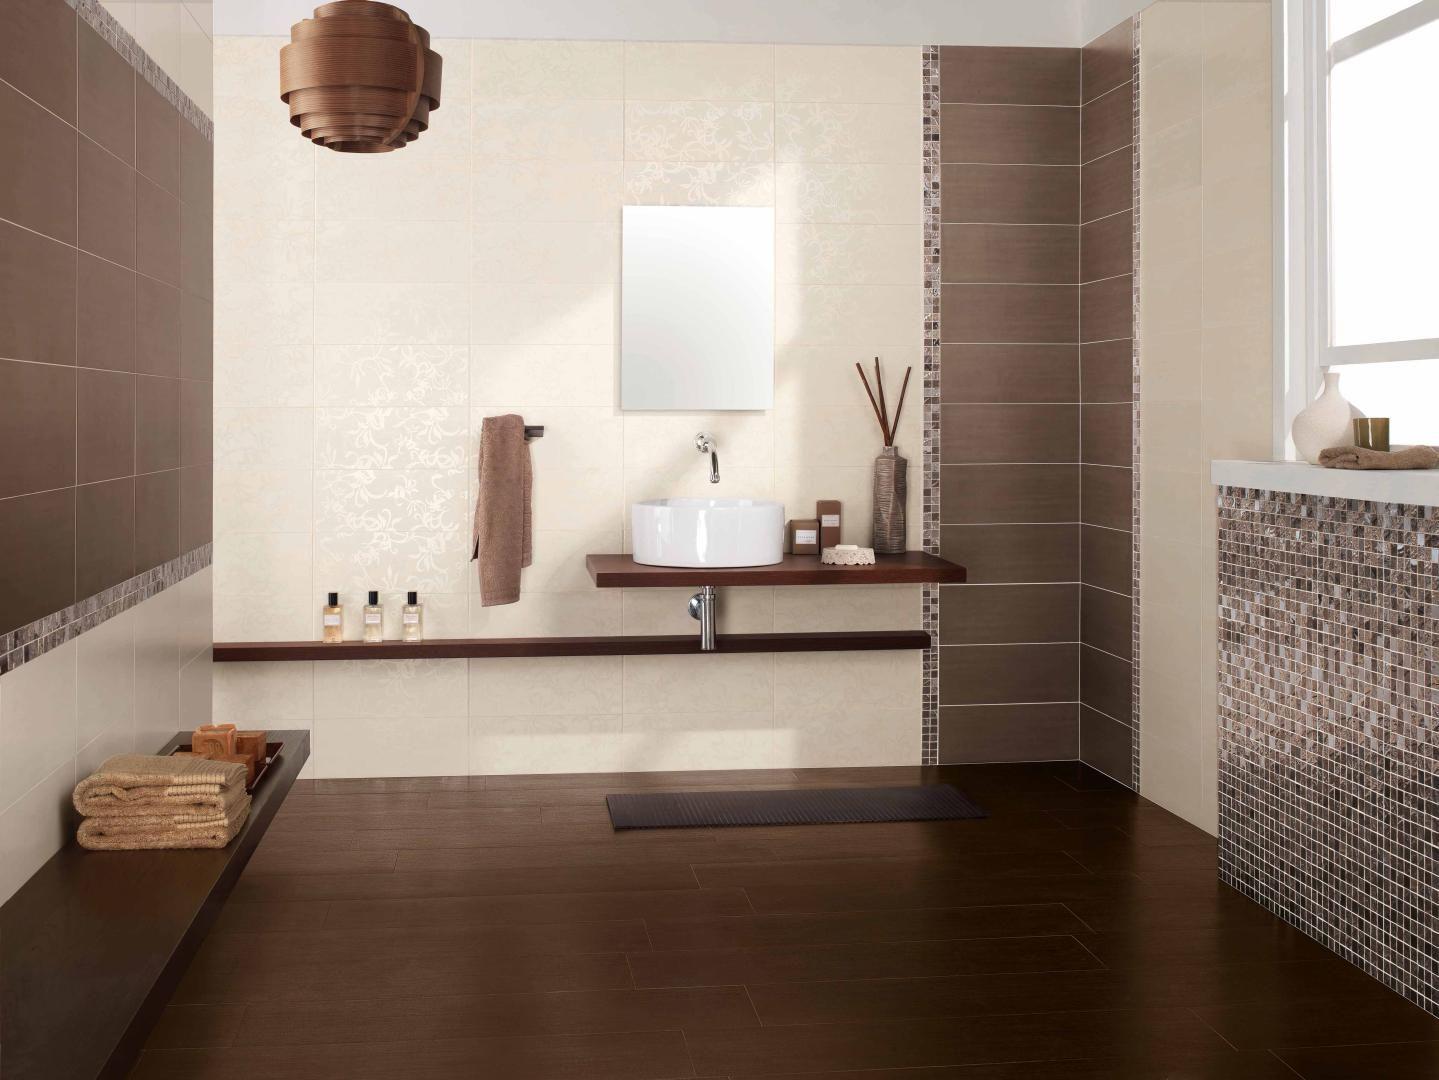 Rivestimento bagno design bagno classico moderno minimal design